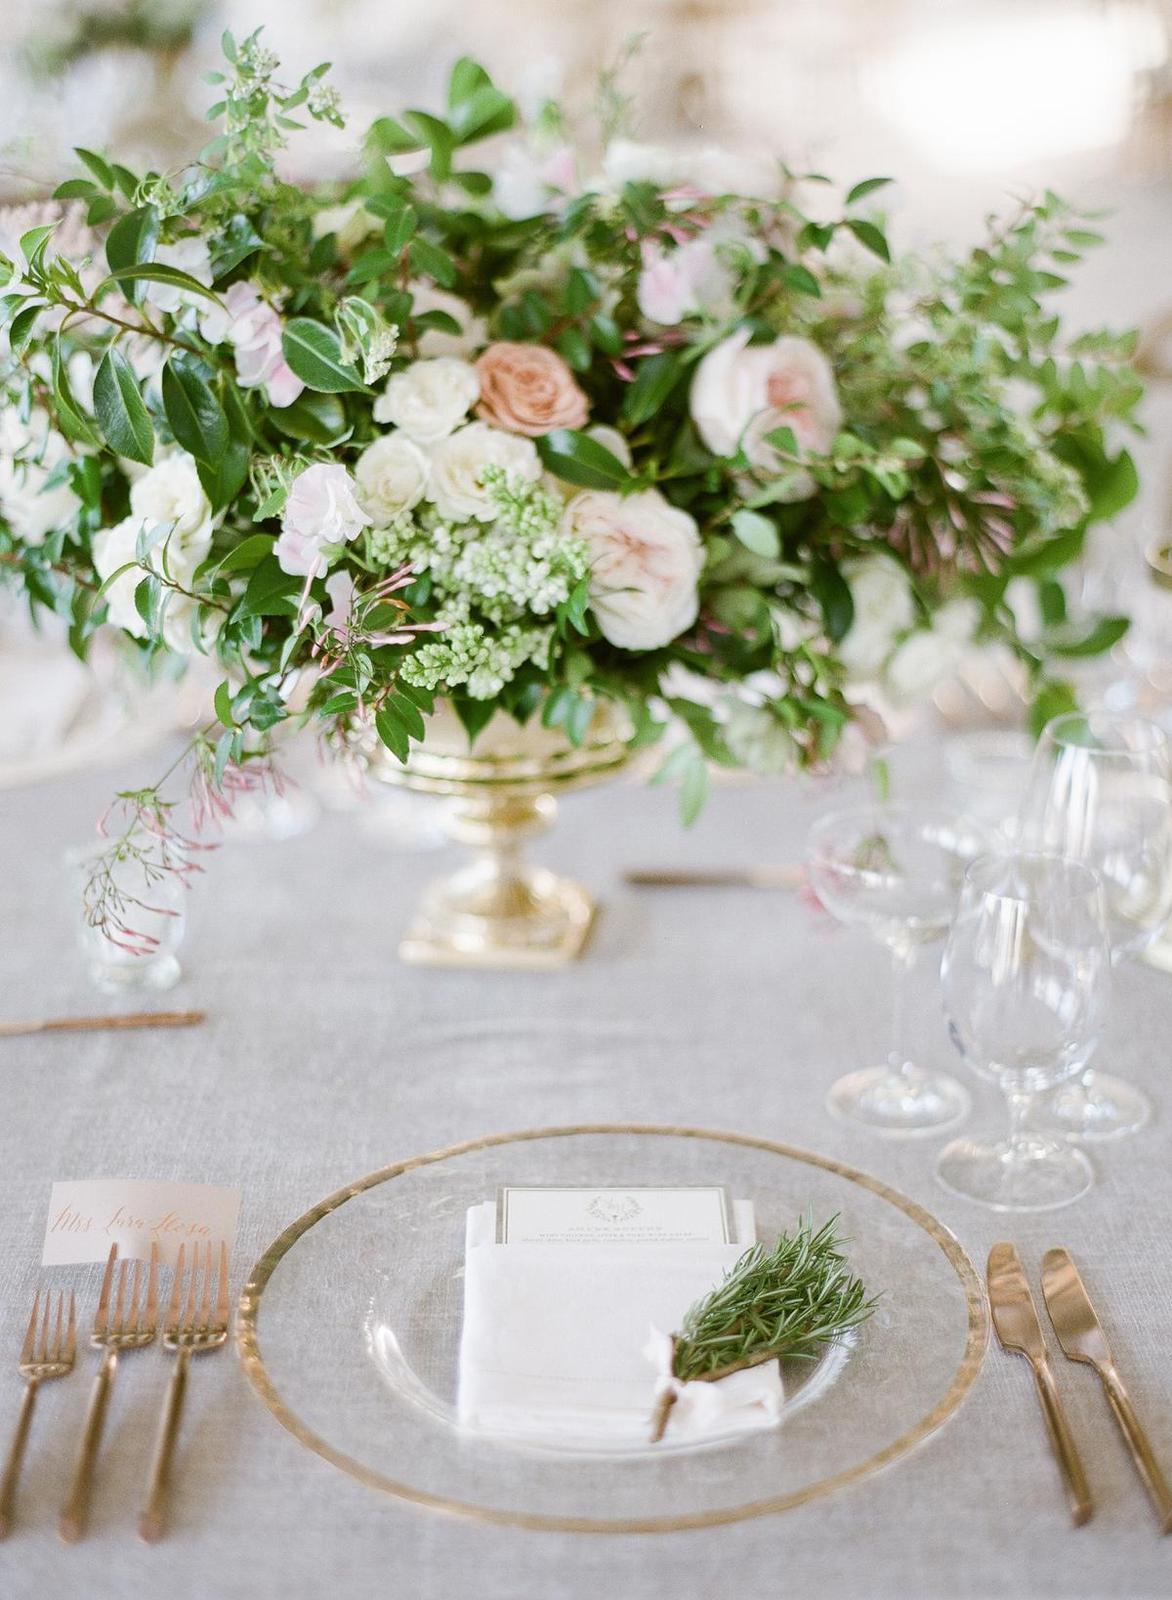 Inšpirácie na svadobné stolovovanie - Obrázok č. 29